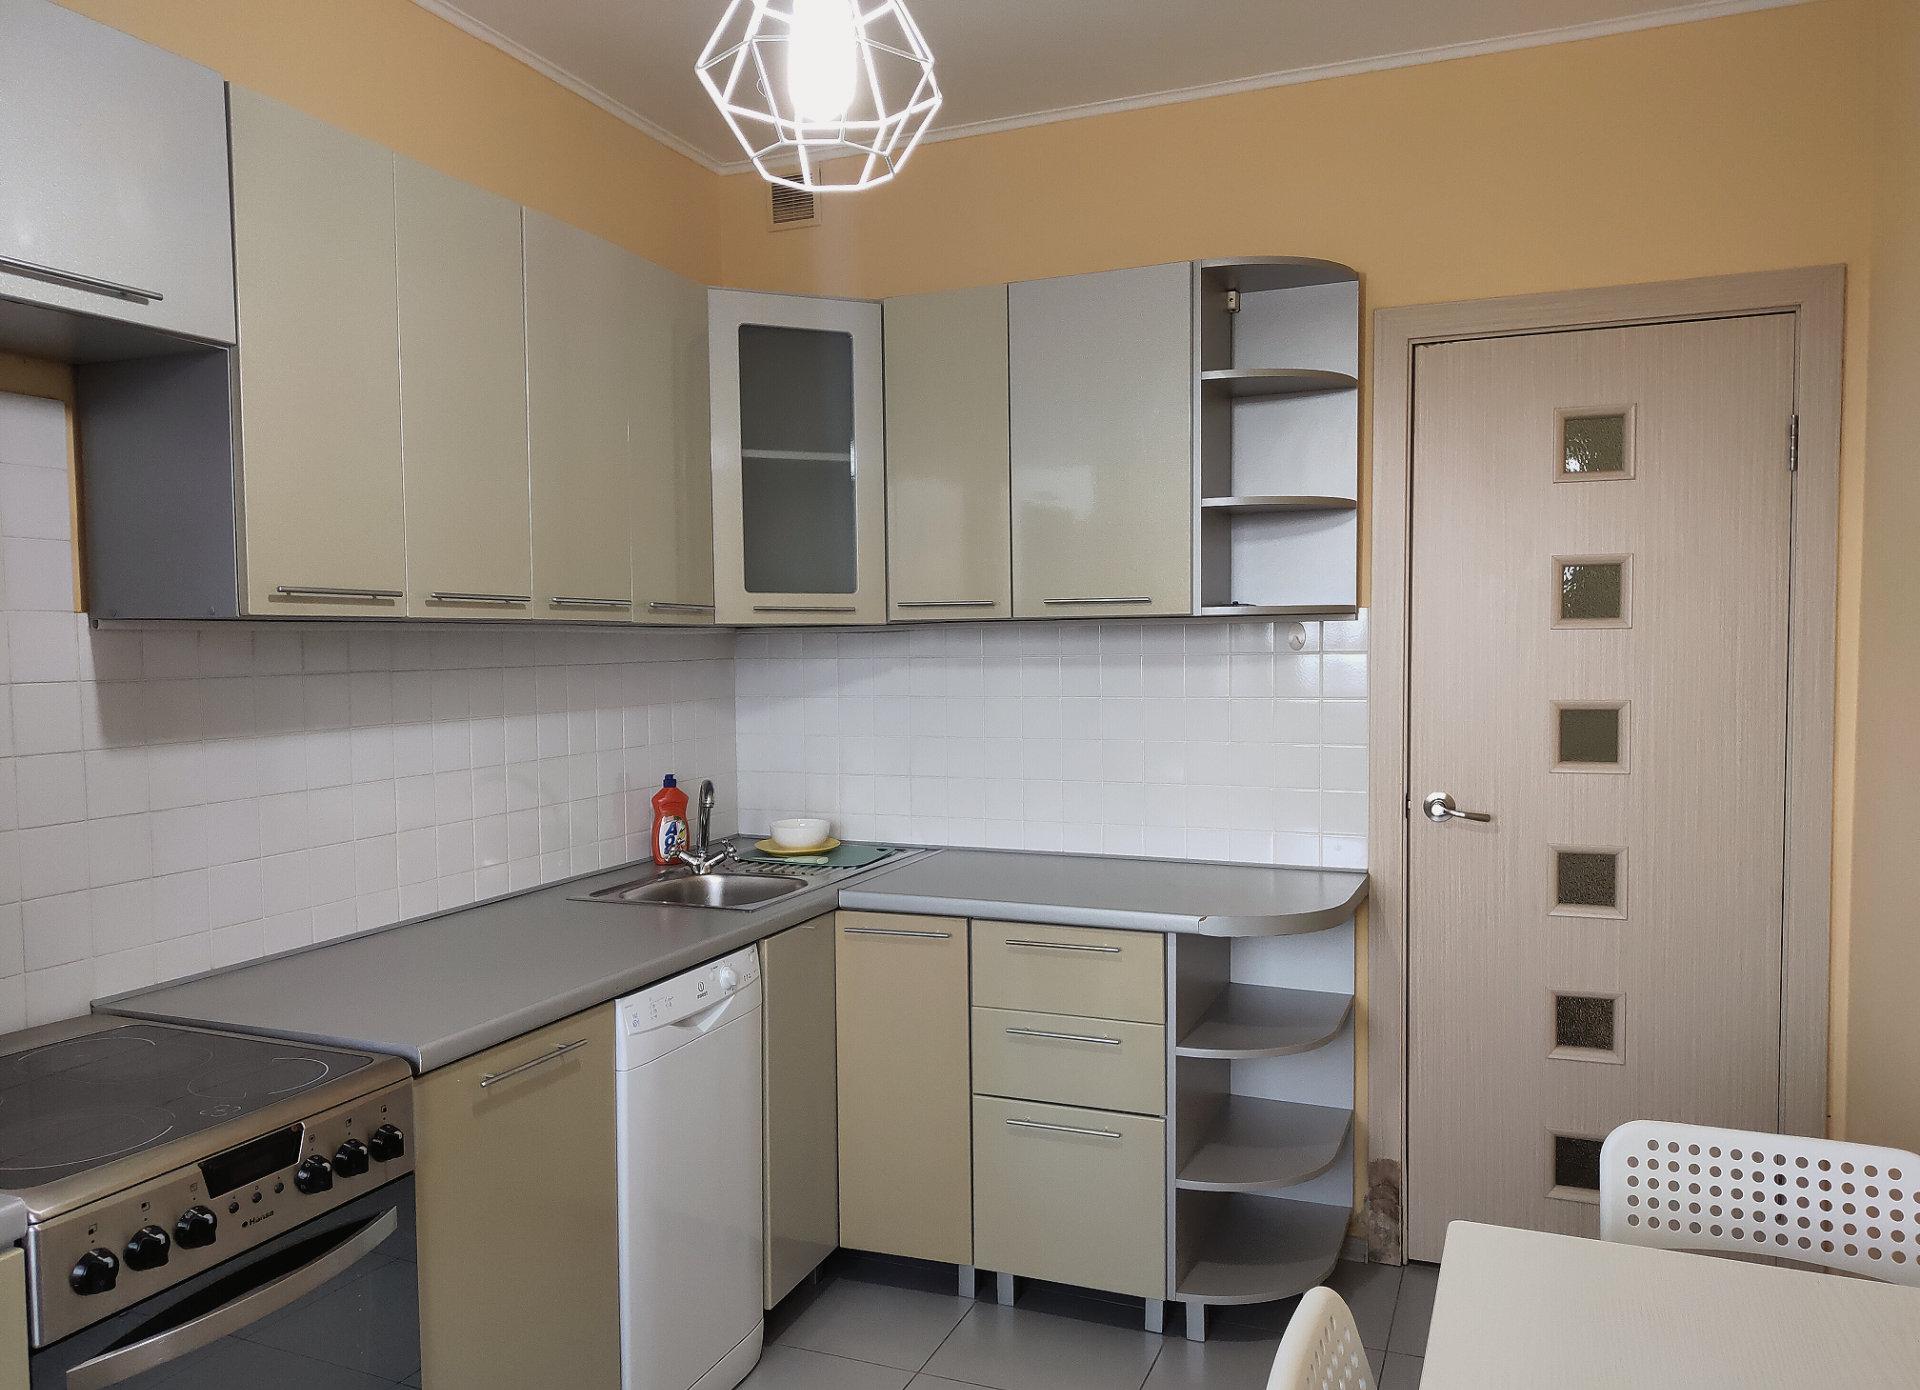 2к квартира Свободный пр-кт, д 74 | 25000 | аренда в Красноярске фото 4